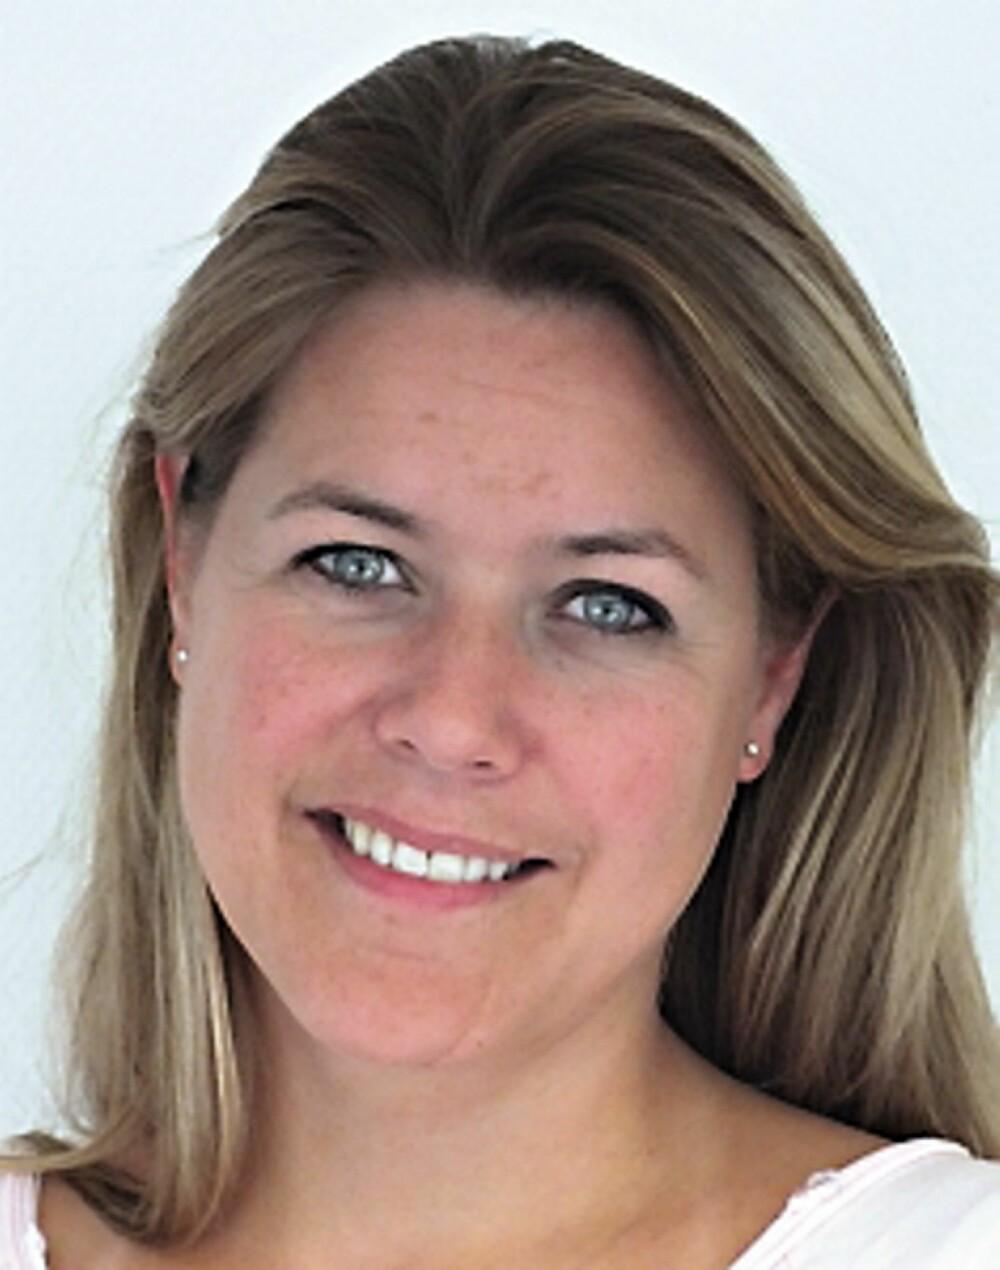 FARGEDESIGNER I NORDSJØ: Tale Henningsen lar seg ofte inspirere på houzz.com mens hun lager middag.